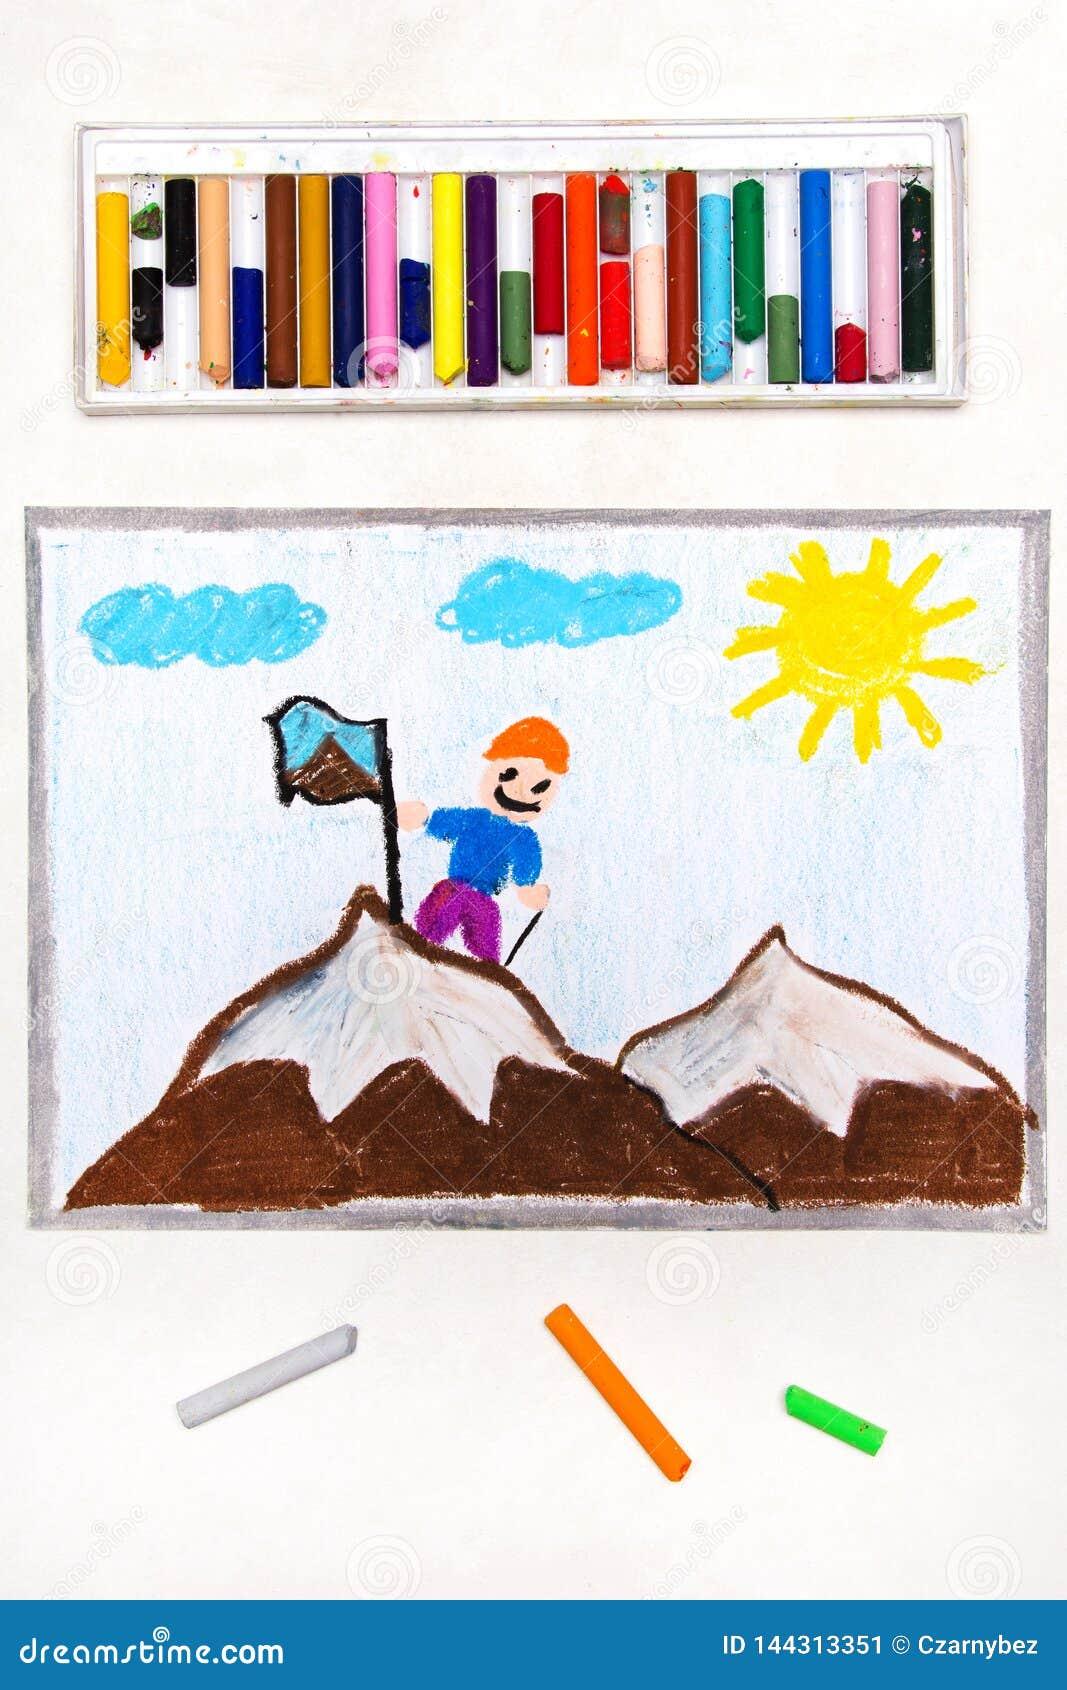 Dibujo: Alcanzar la cumbre de una montaña